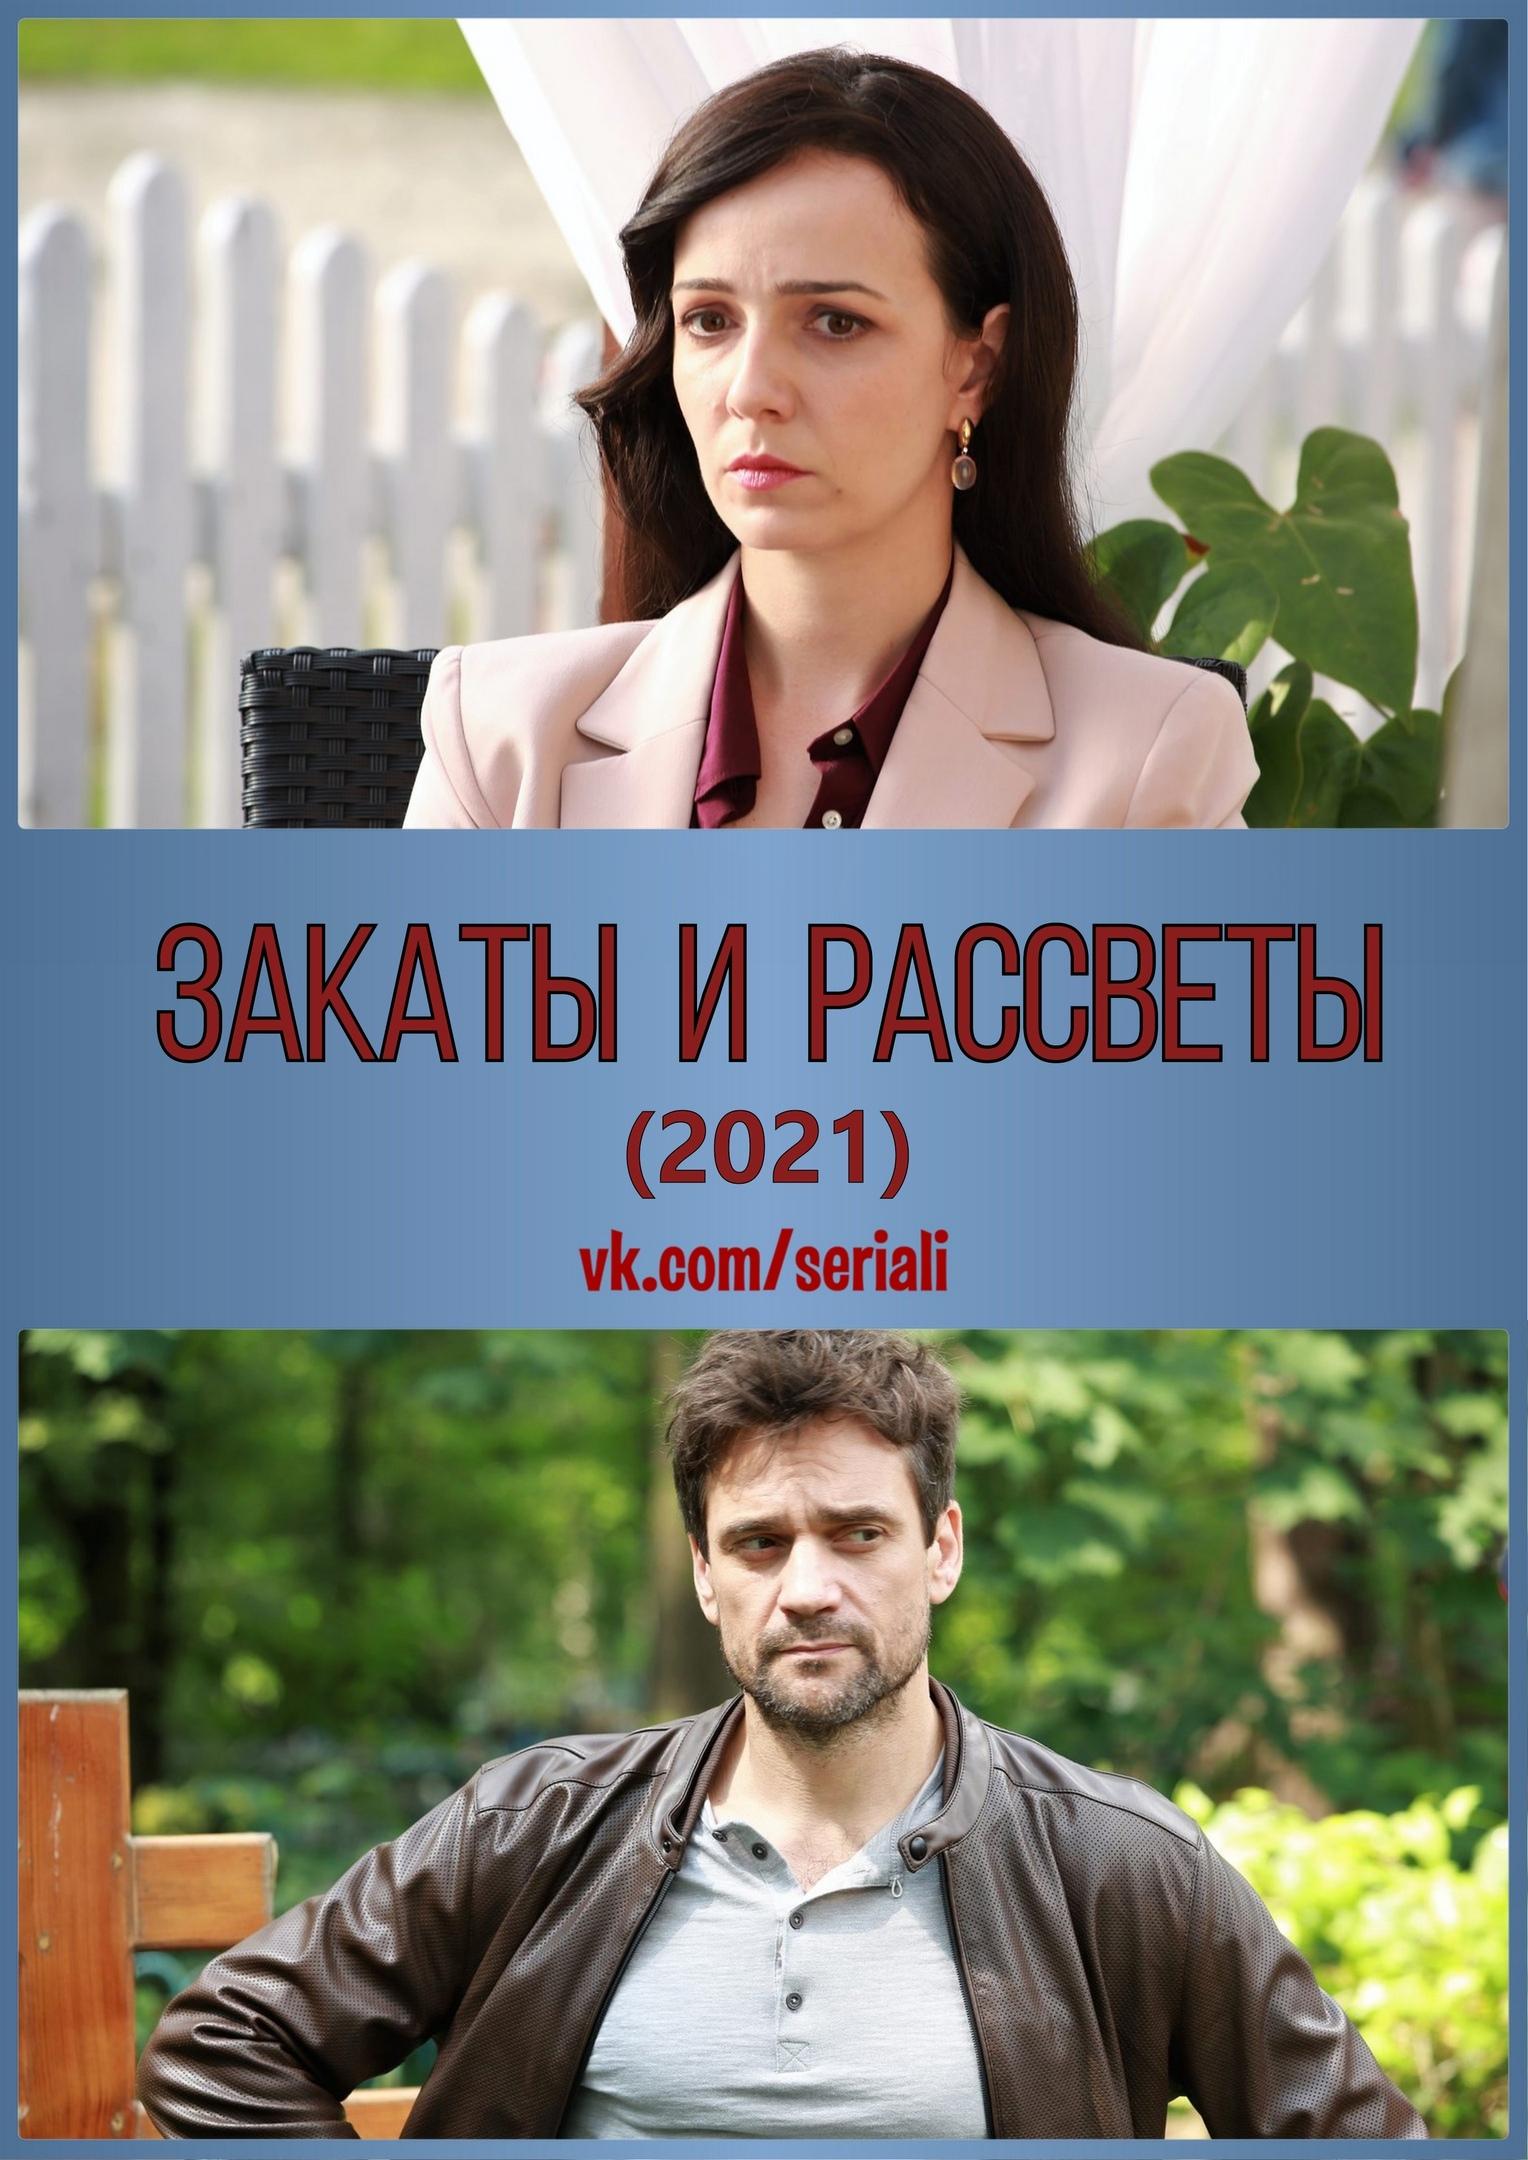 Детектив «Зaкaты и paccвeты» (2021) 1-4 серия из 4